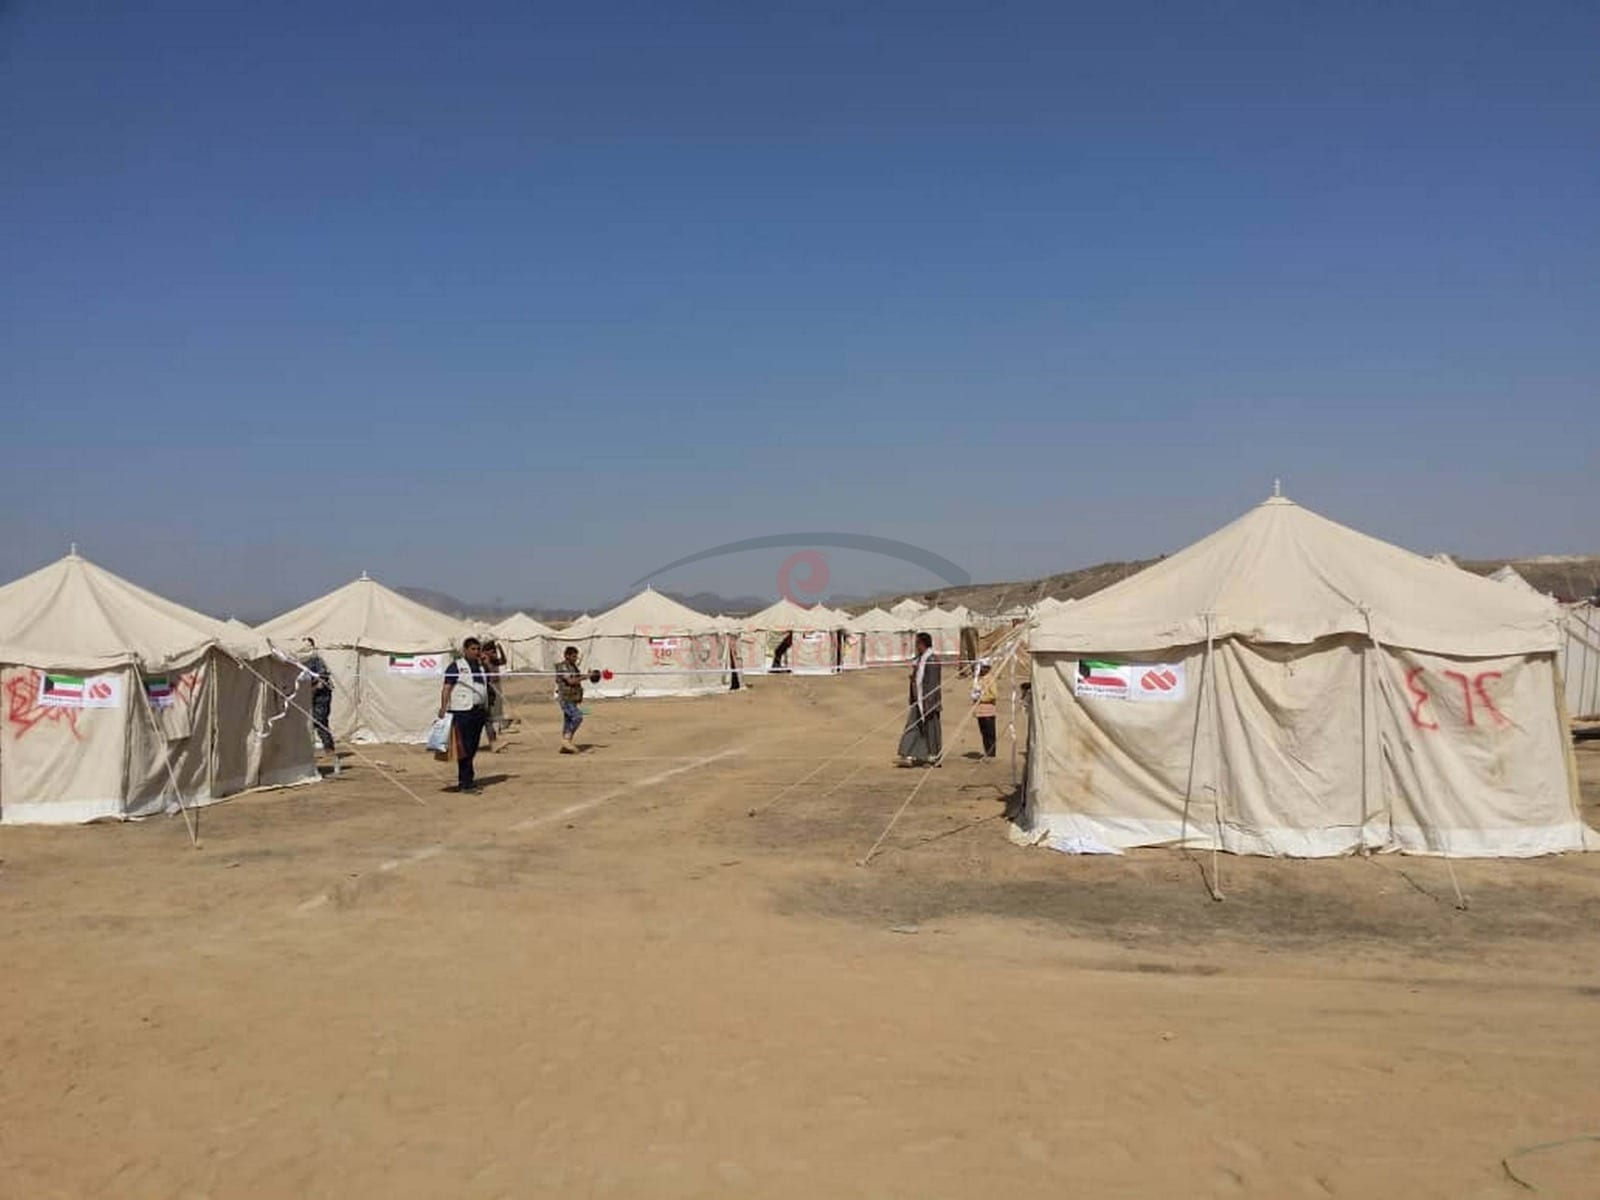 مأرب: إدارة المخيمات تدعو النازحين إلى توخي أقصى درجات الحذر